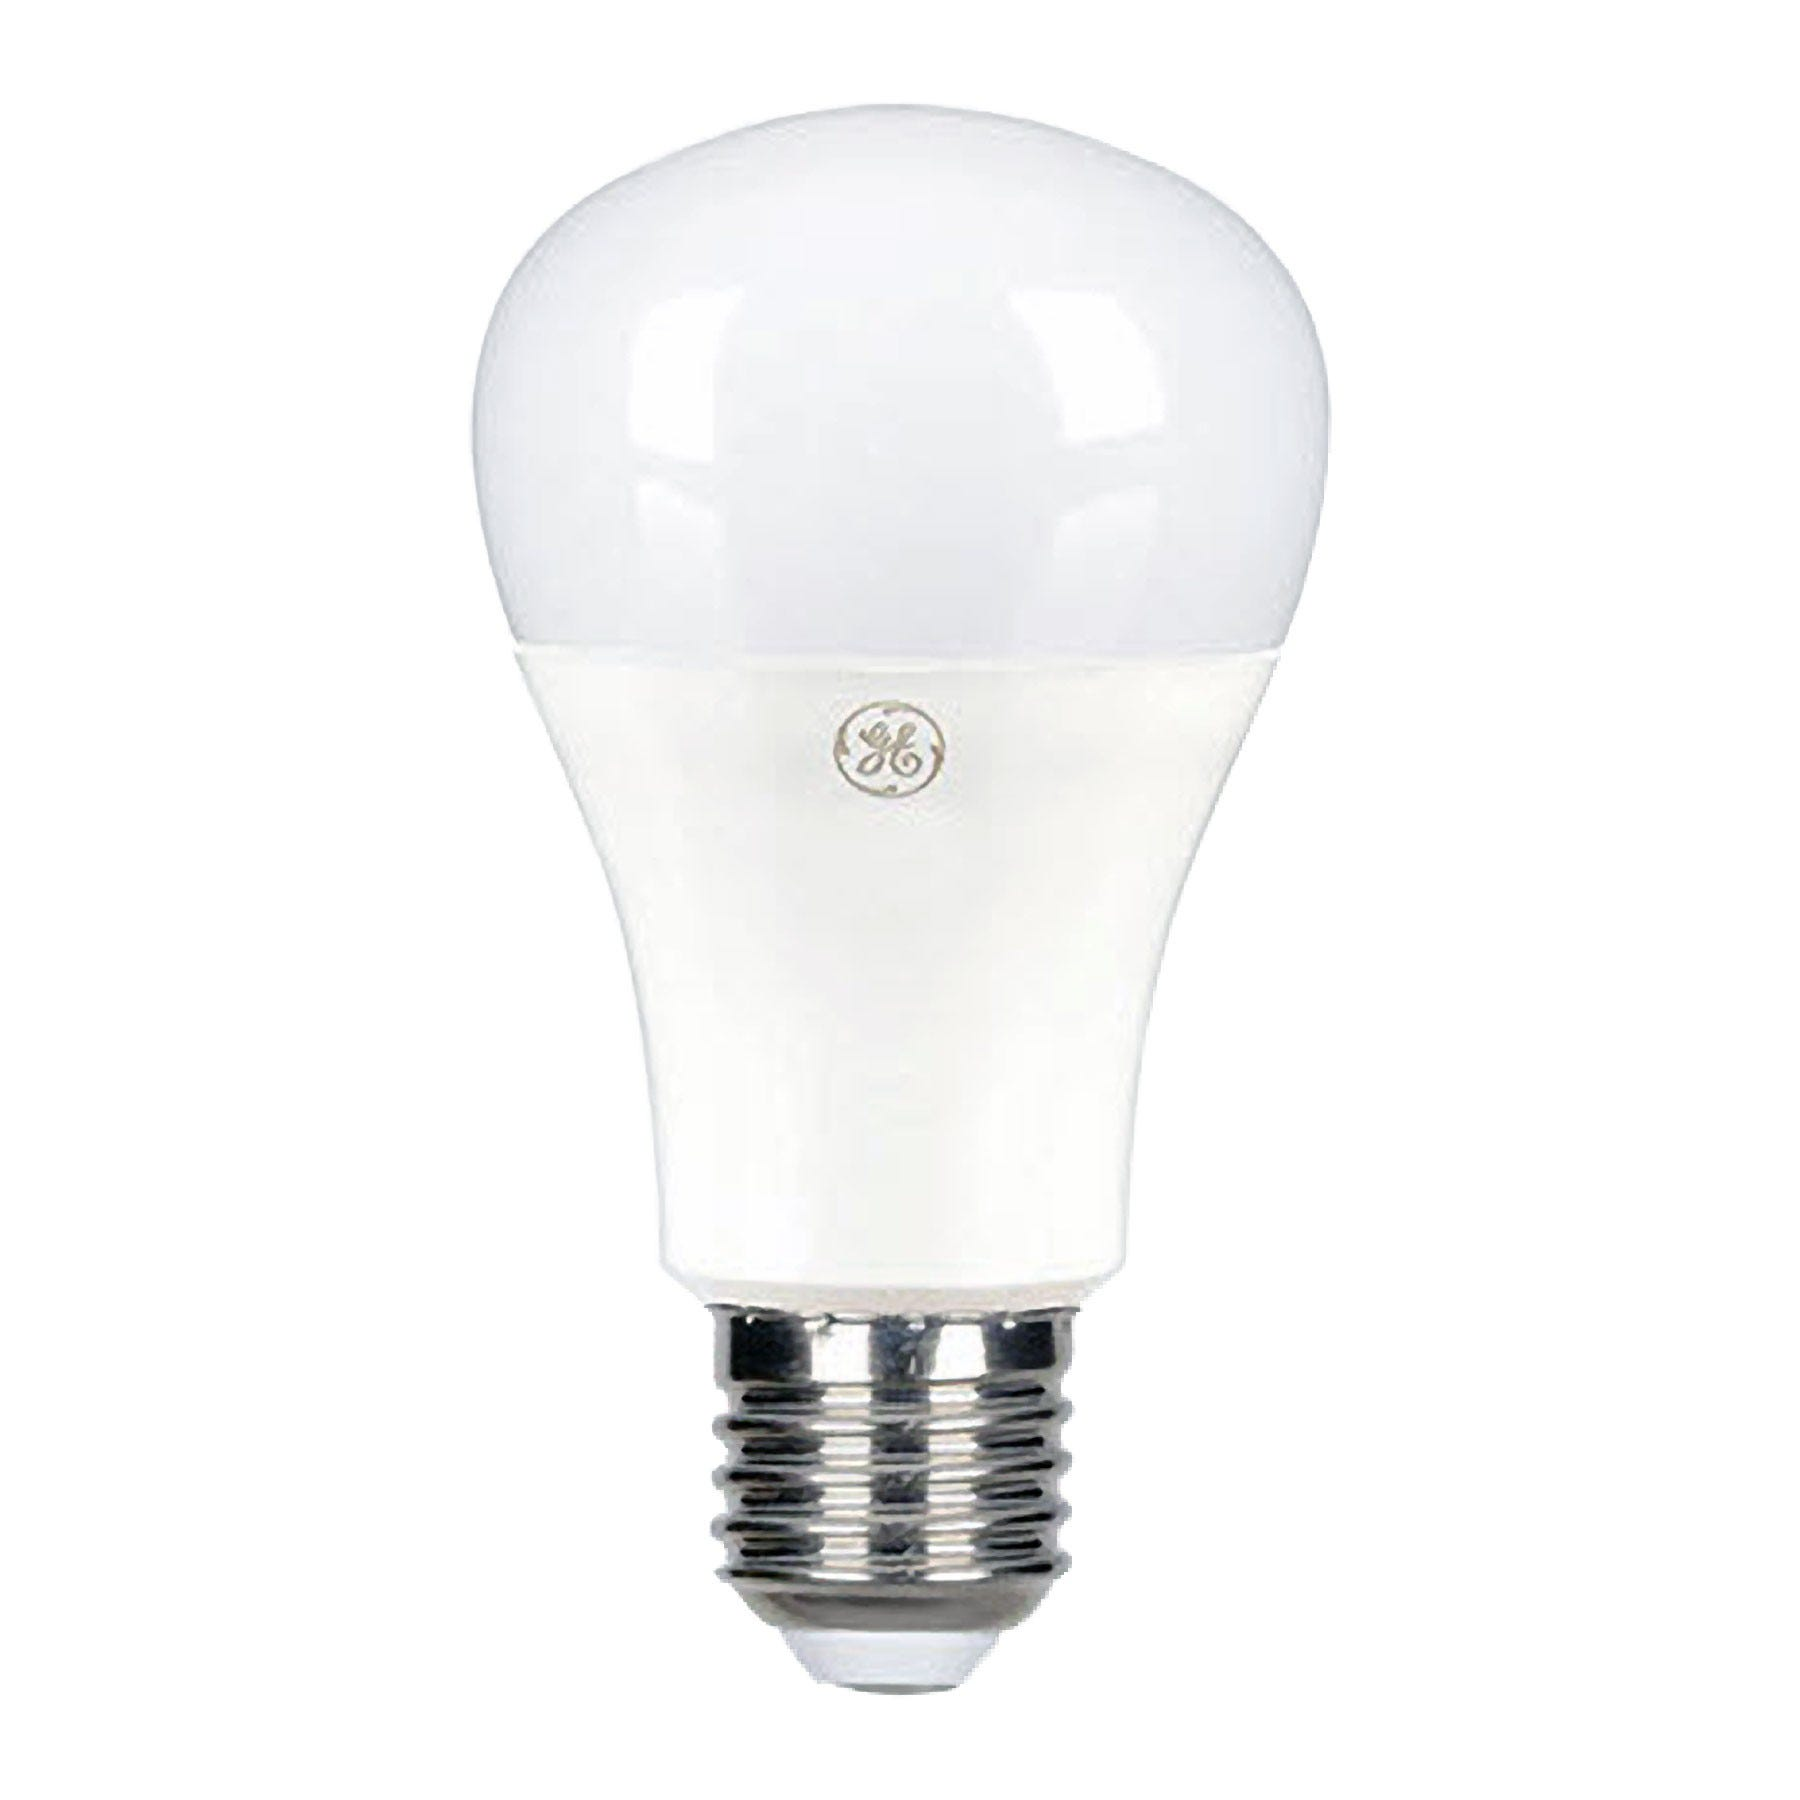 GE LED GLS Lamps